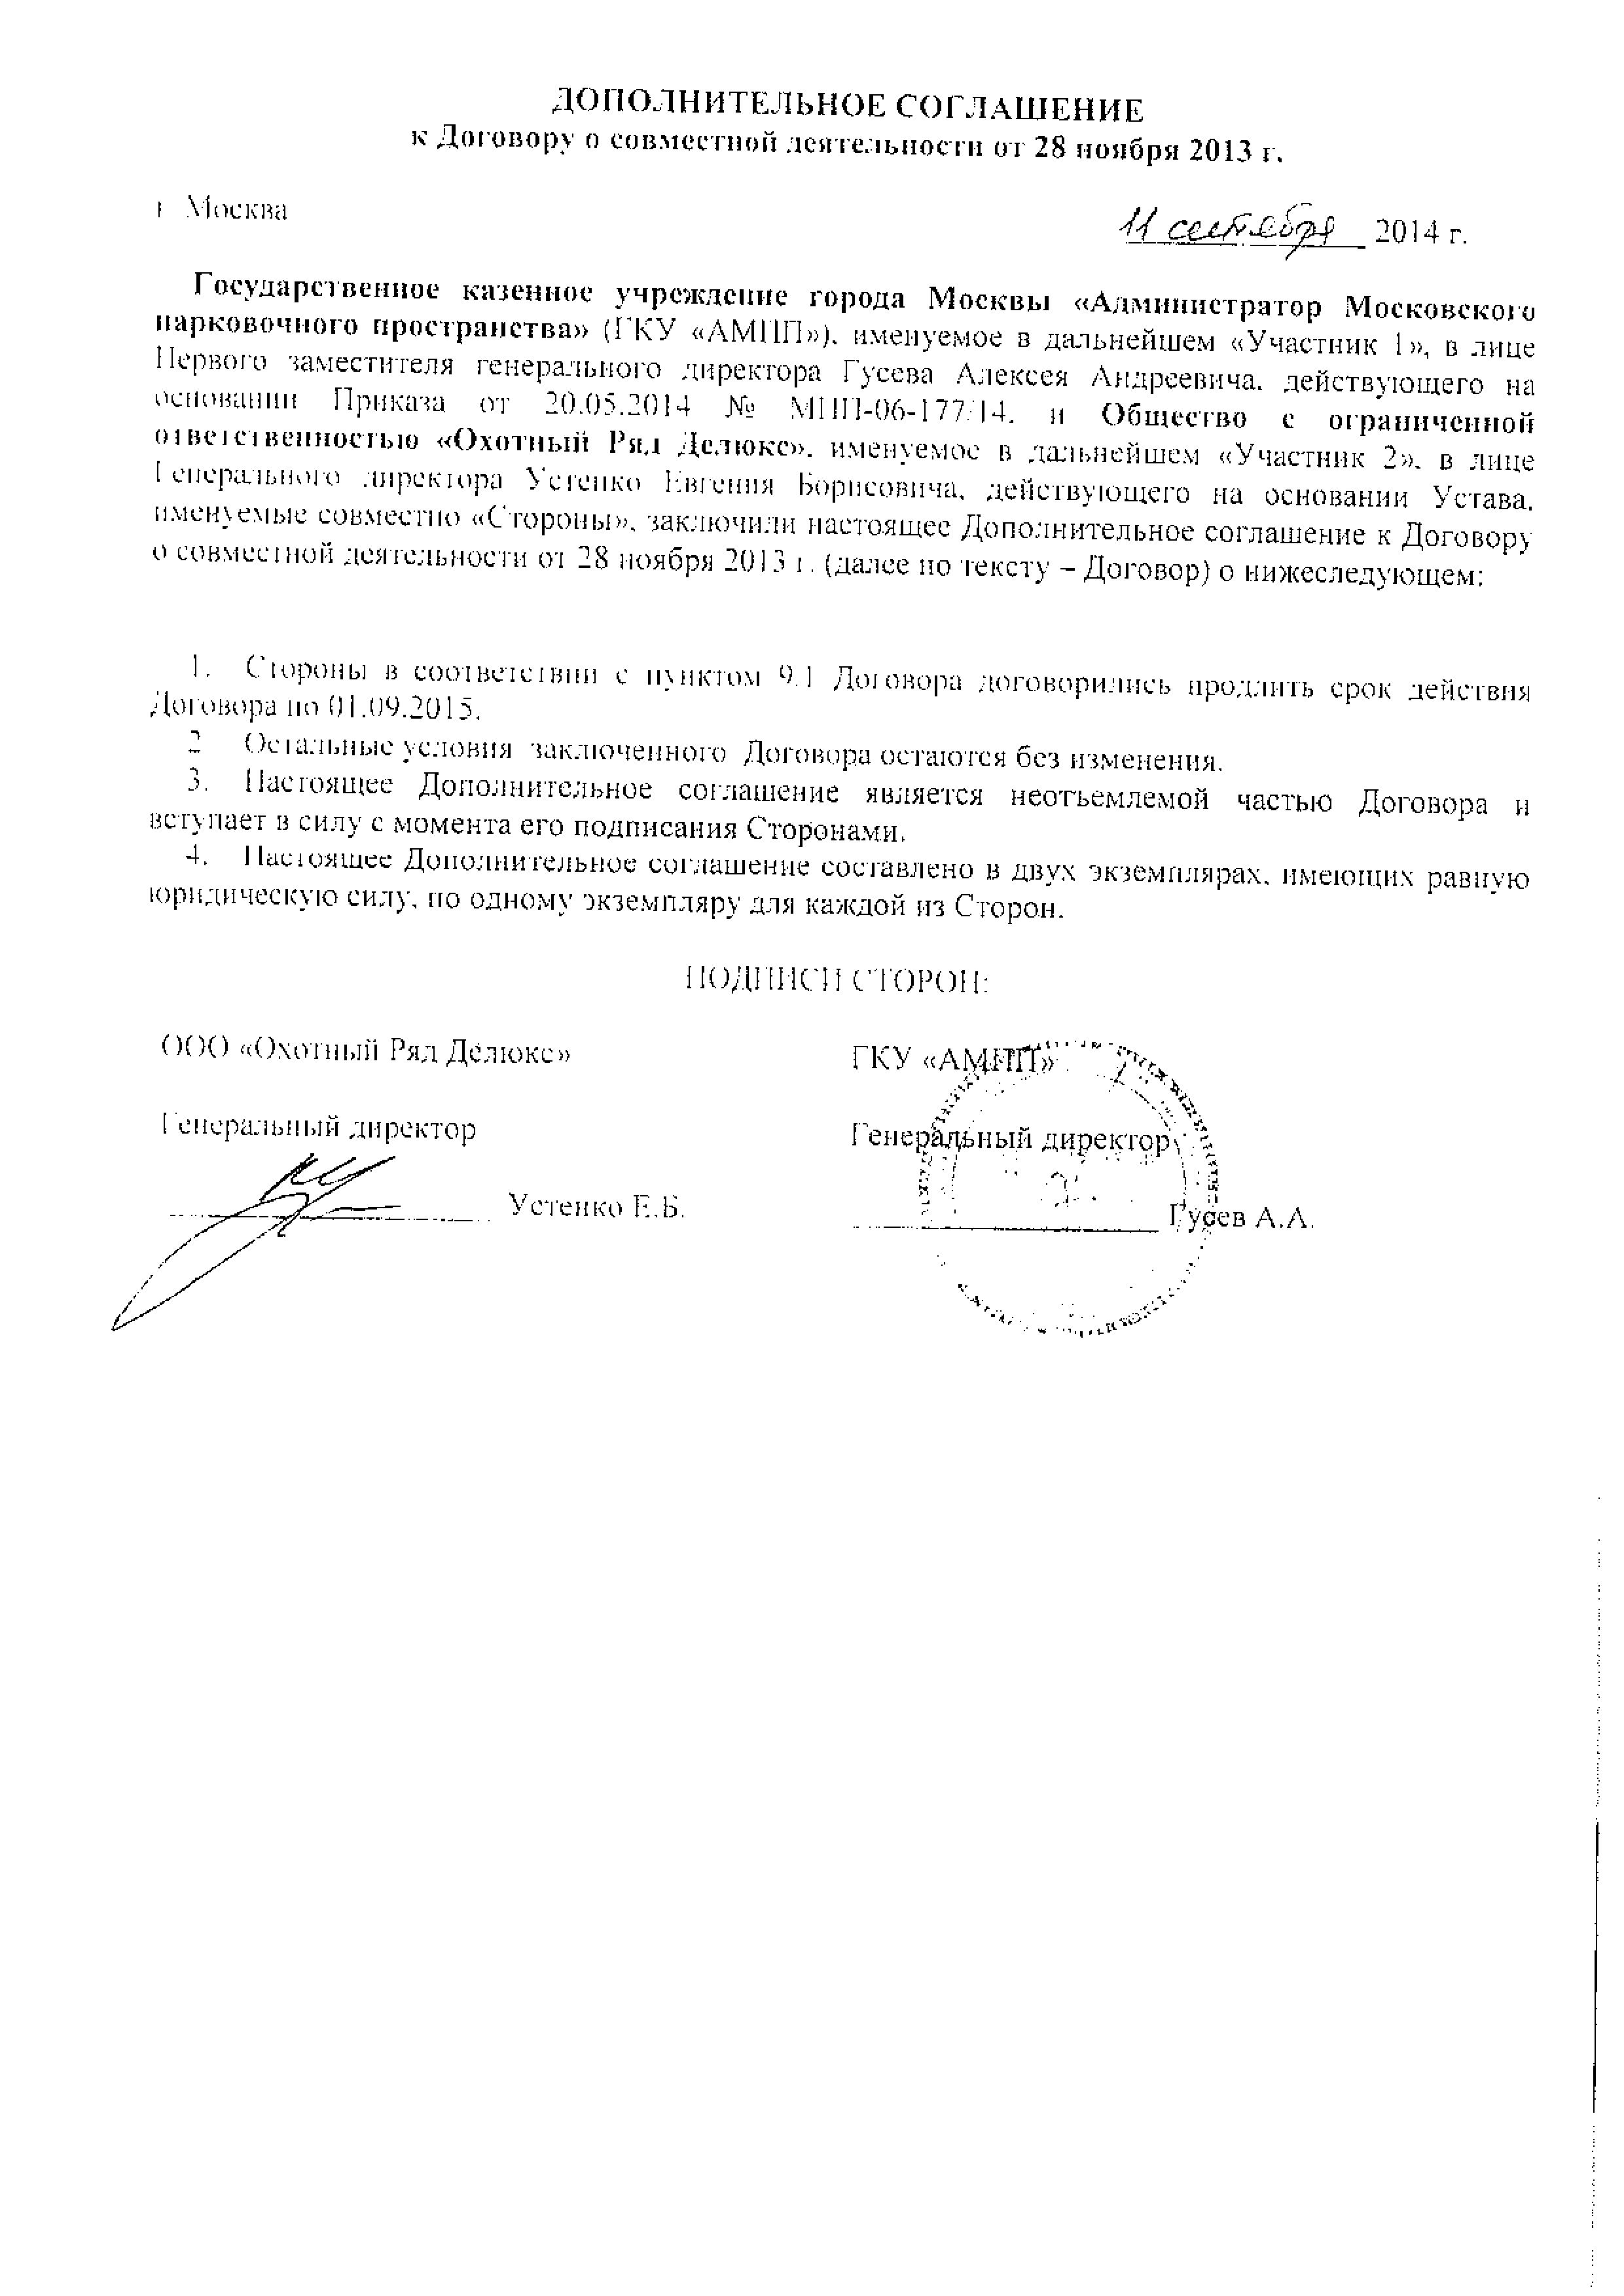 договор о совместной деятельности-4.png